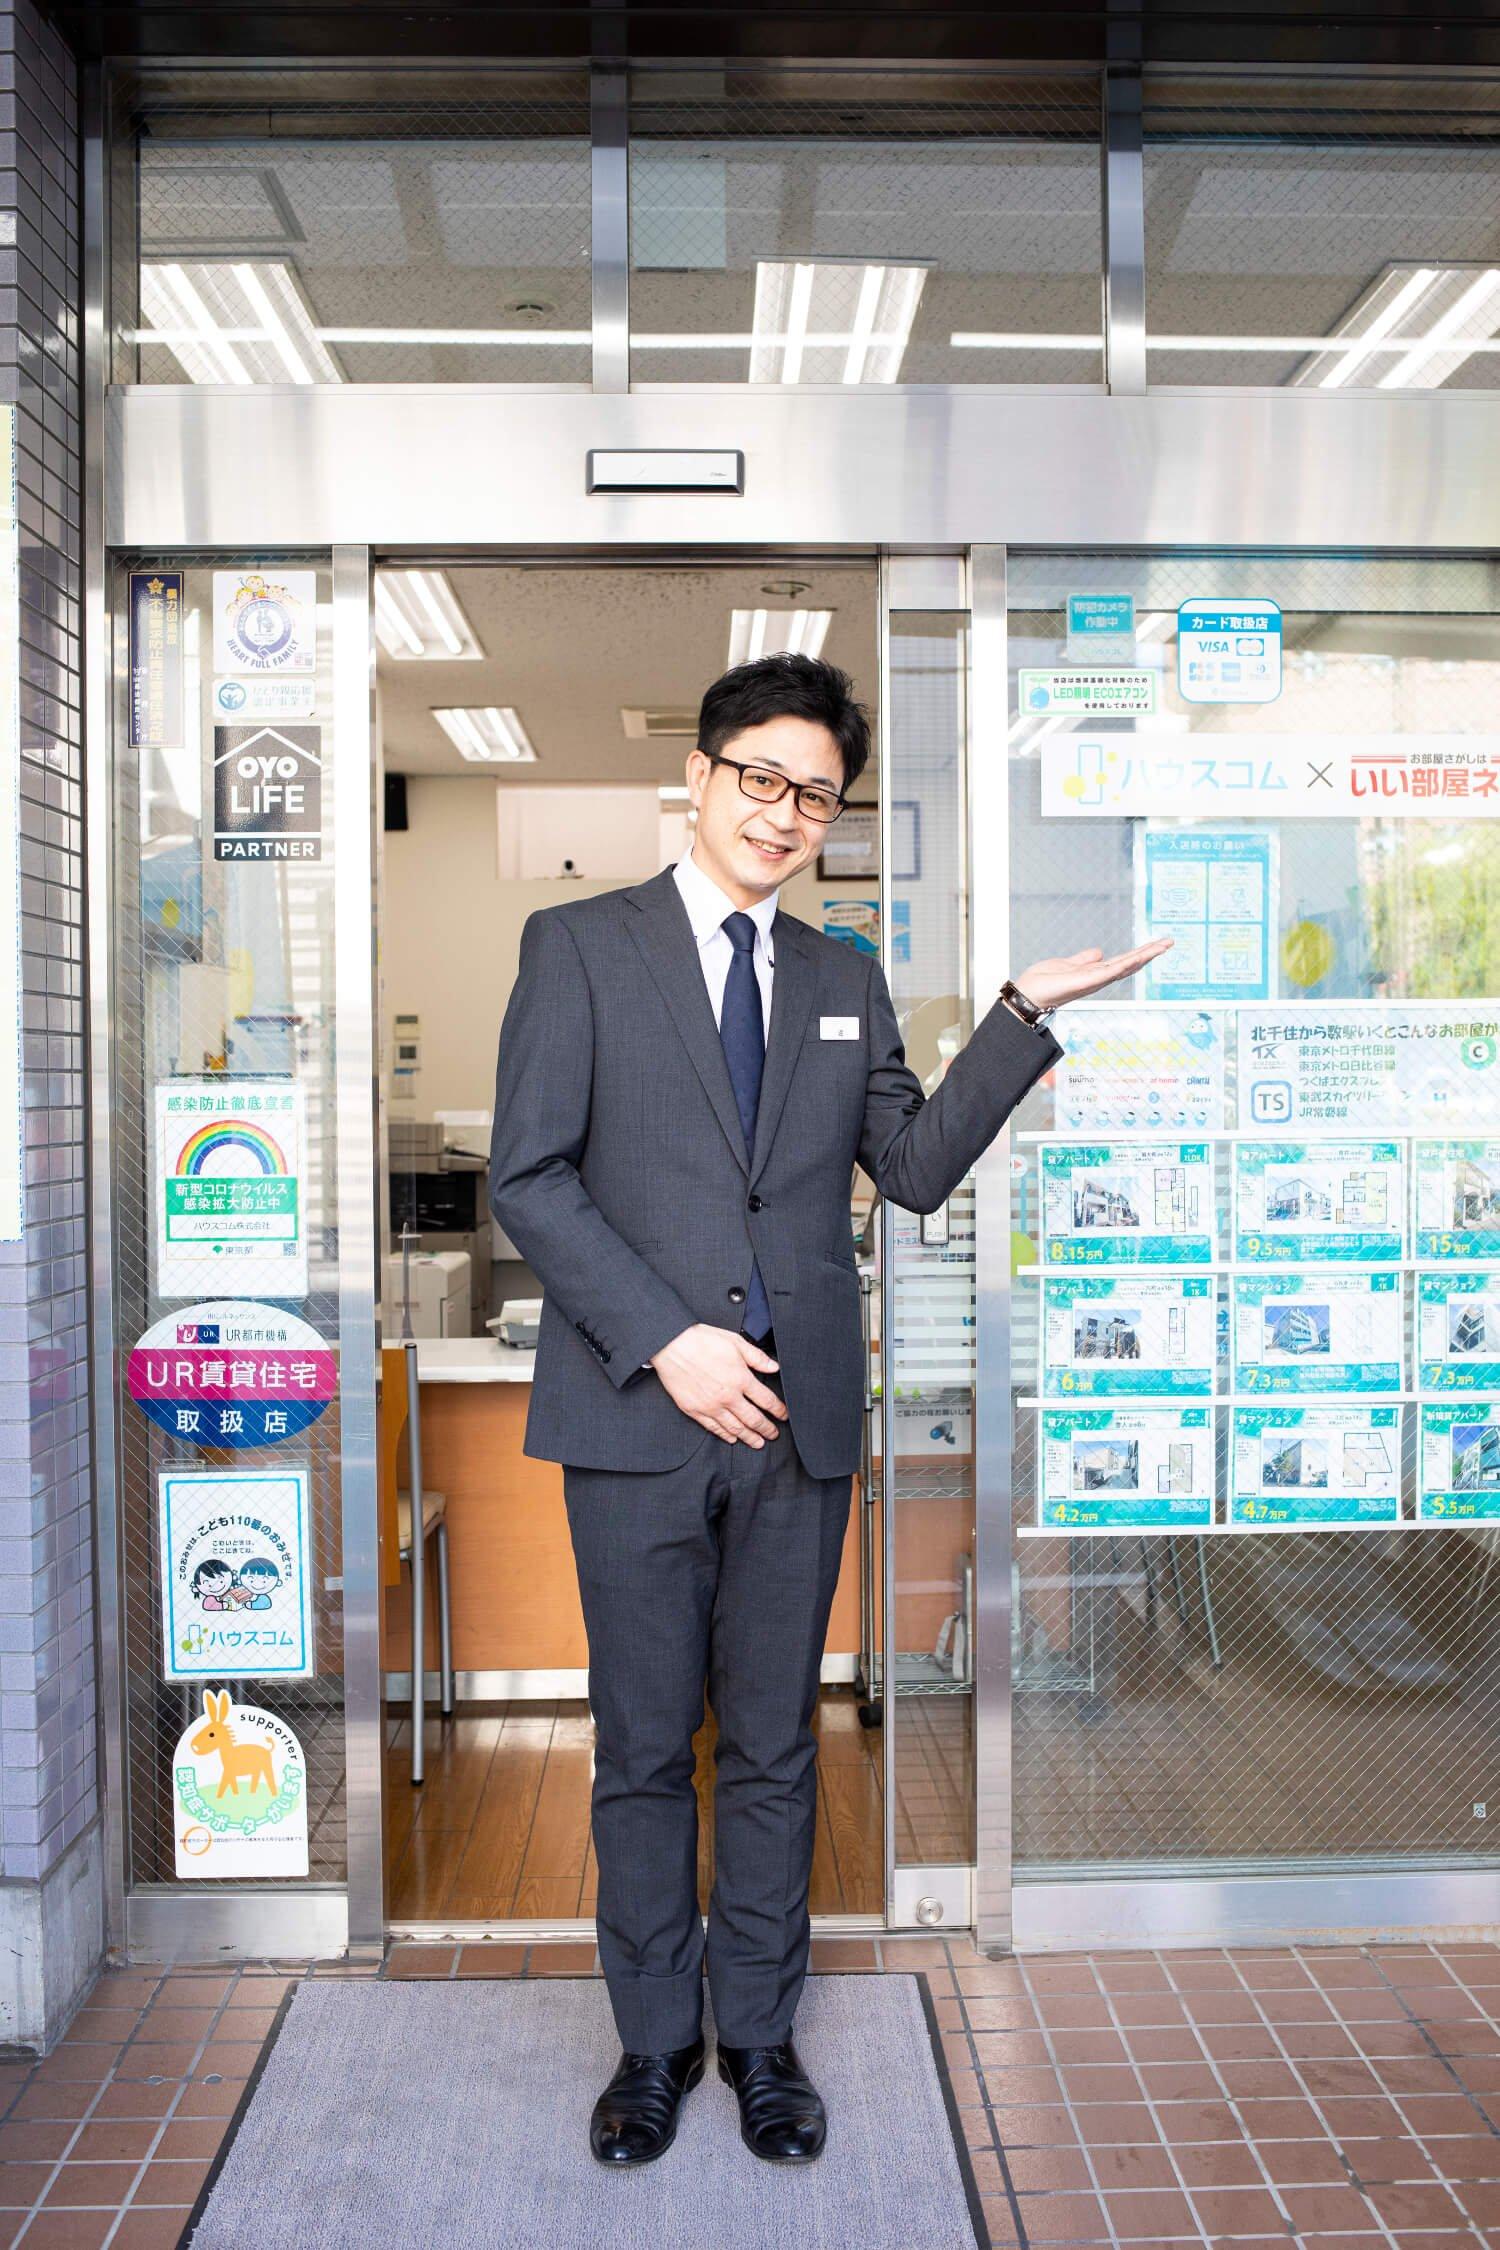 お話を聞いたのは、ハウスコム北千住店の堀 洋介さん。